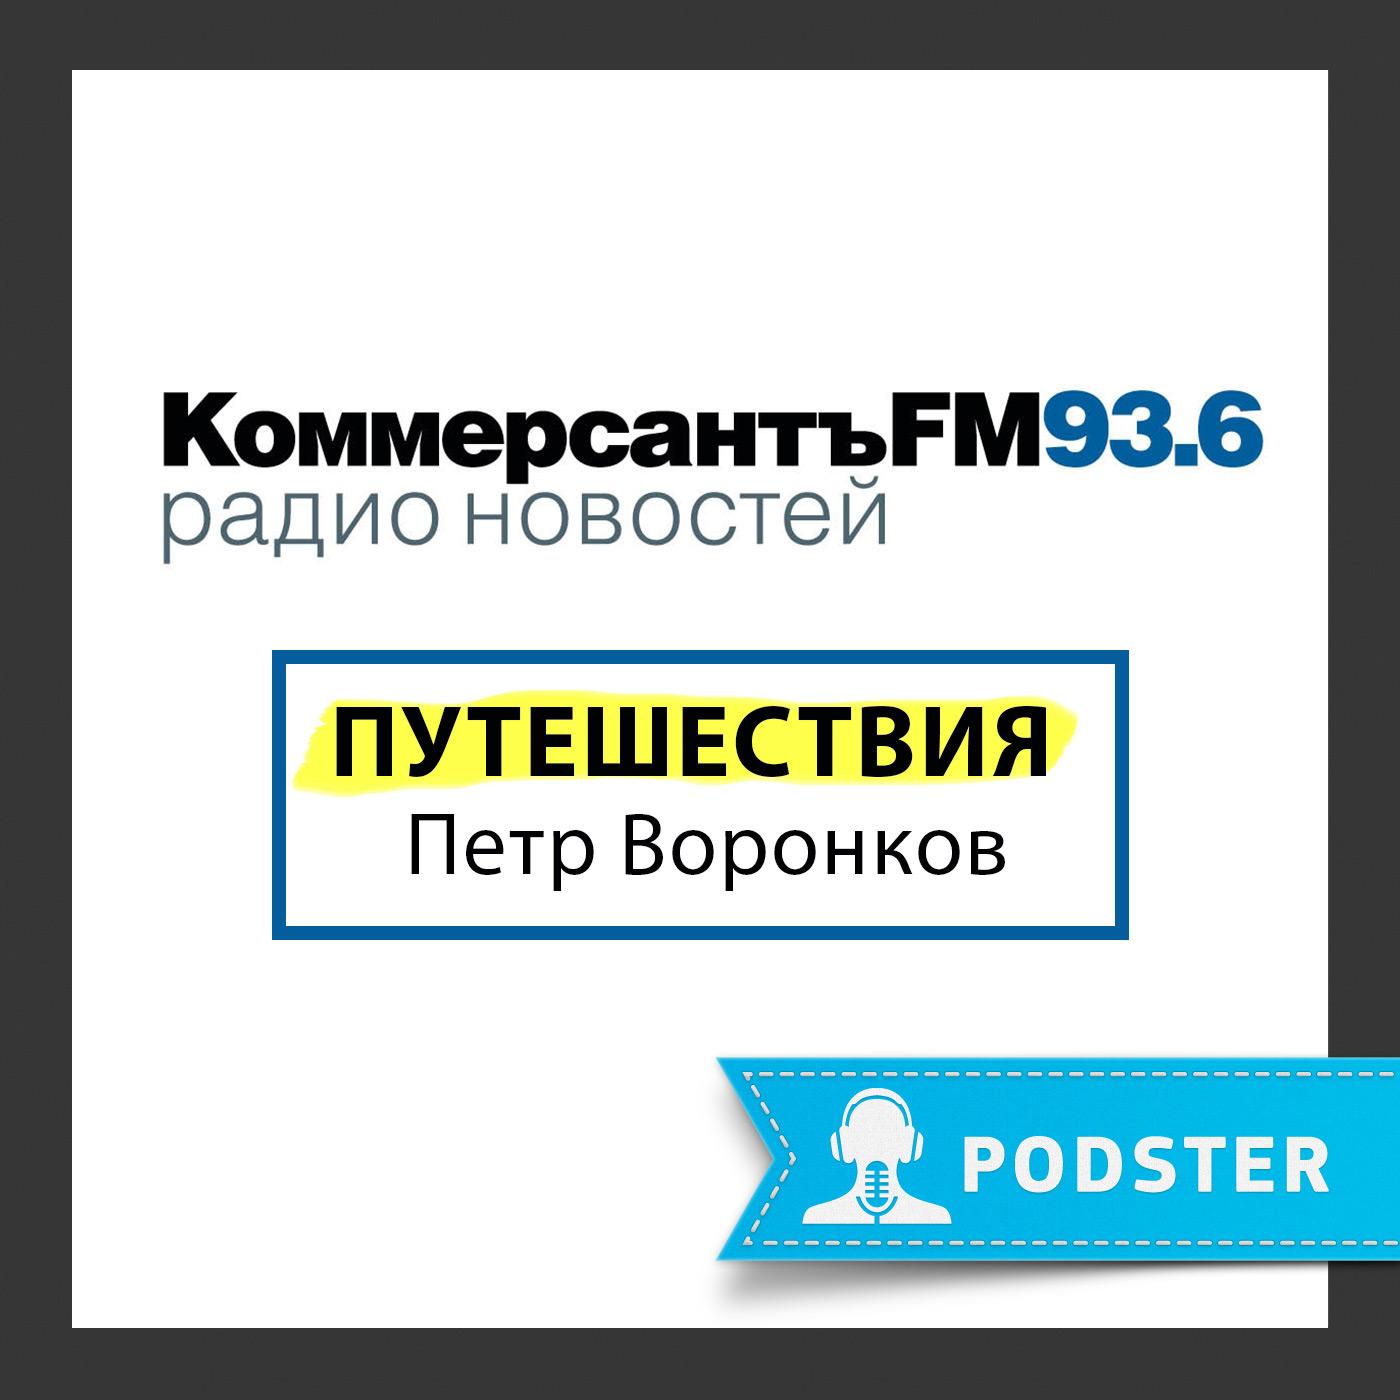 Путешествия Петра Воронкова